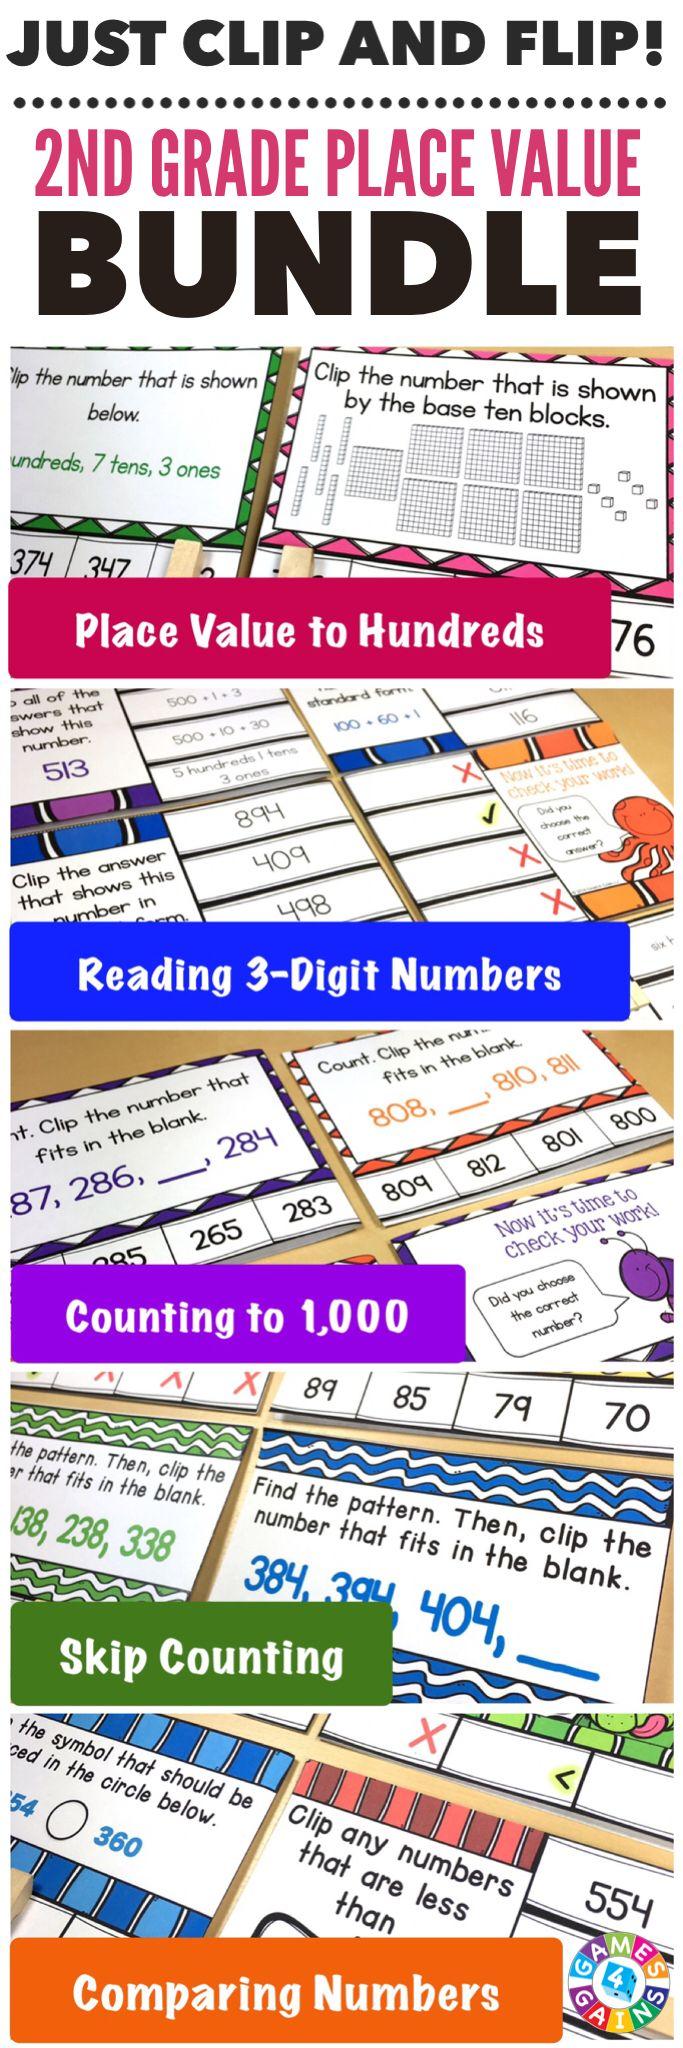 2nd Grade Place Value Clip Cards Bundle 2 Nbt 1 2 Nbt 2